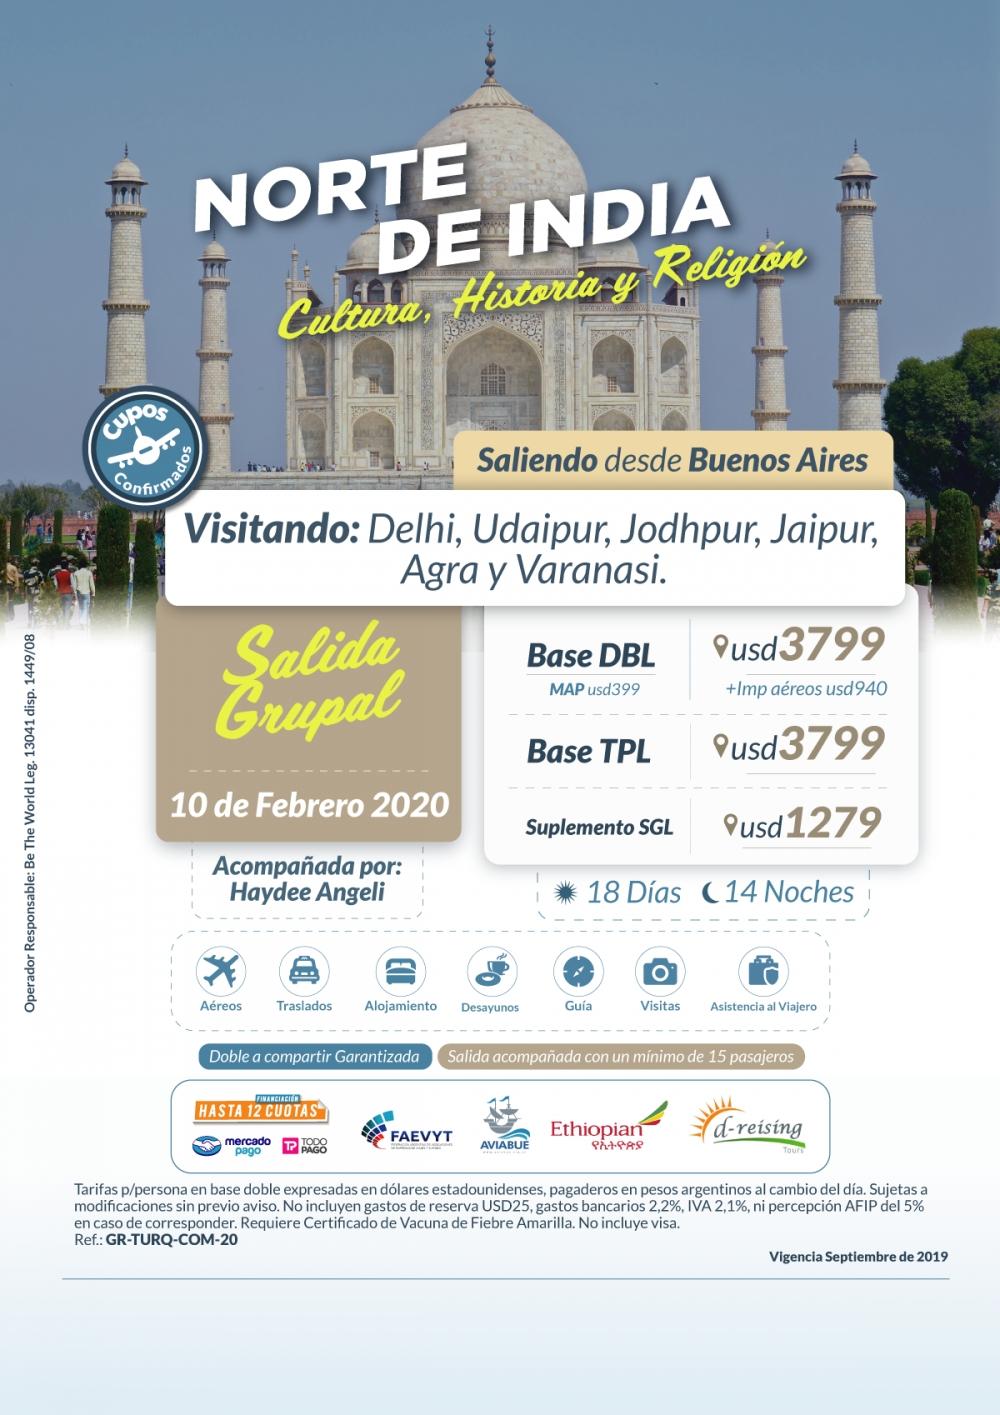 NORTE DE INDIA - Salida Grupal - 10 de Febrero del 2020